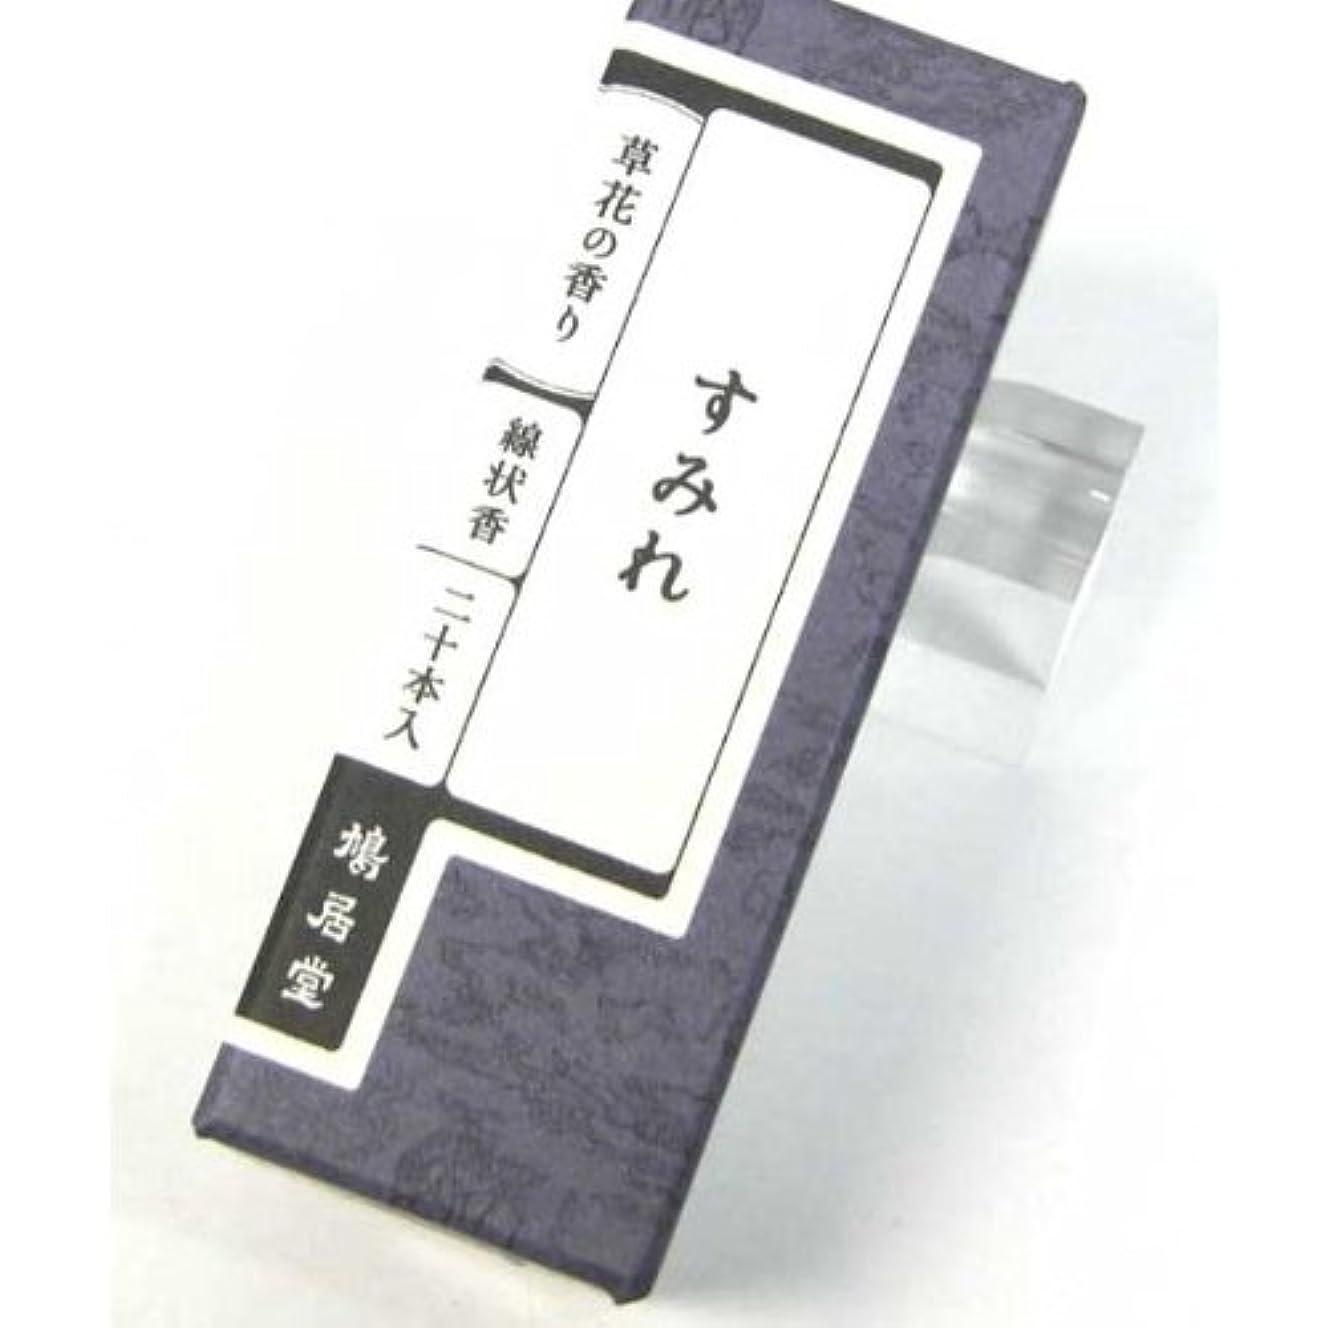 確執パキスタン人製作鳩居堂 お香 すみれ/菫 草花の香りシリーズ スティックタイプ(棒状香)20本いり